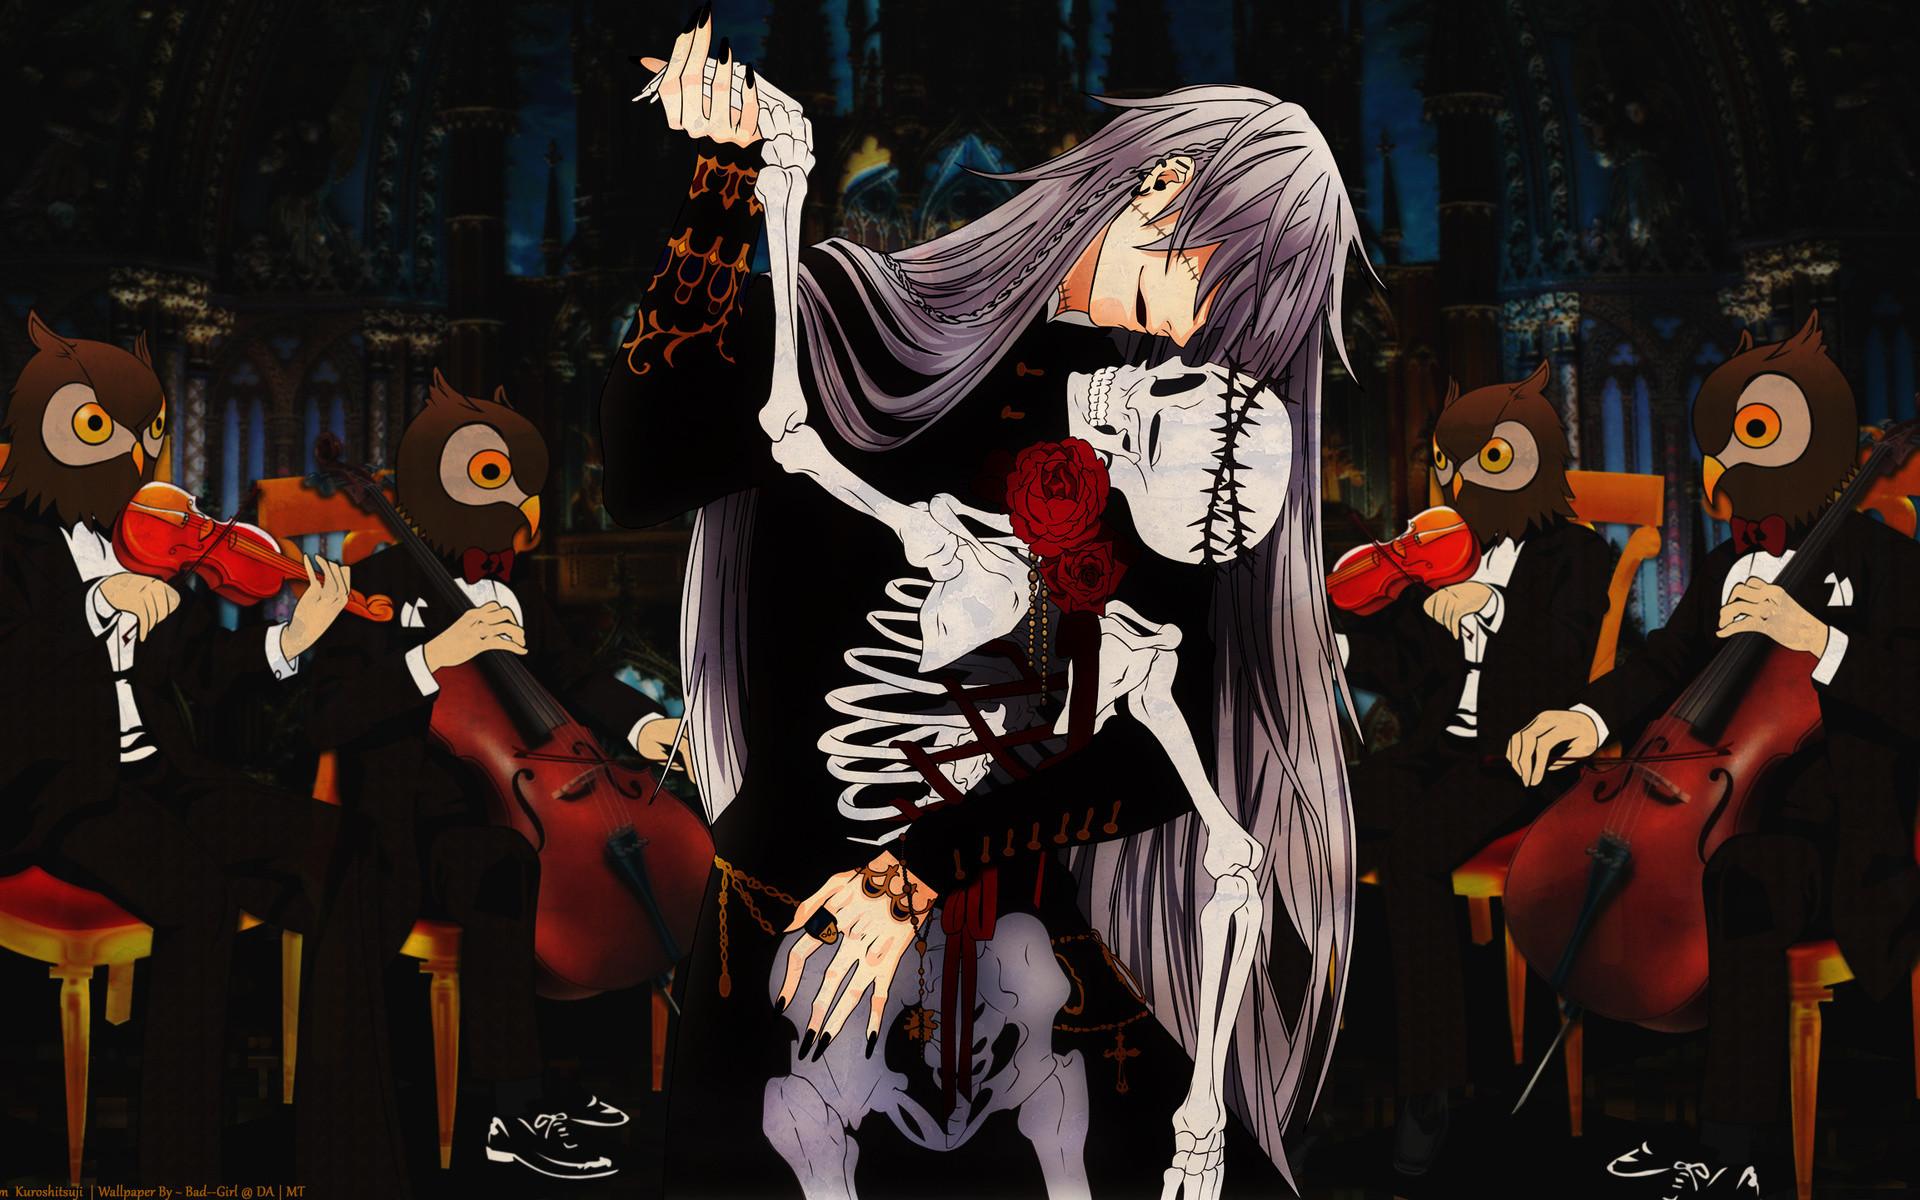 Res: 1920x1200, Flowers, Anime Images, Undertaker, Anime Art, Music, Skull, Kuroshitsuji  Cello